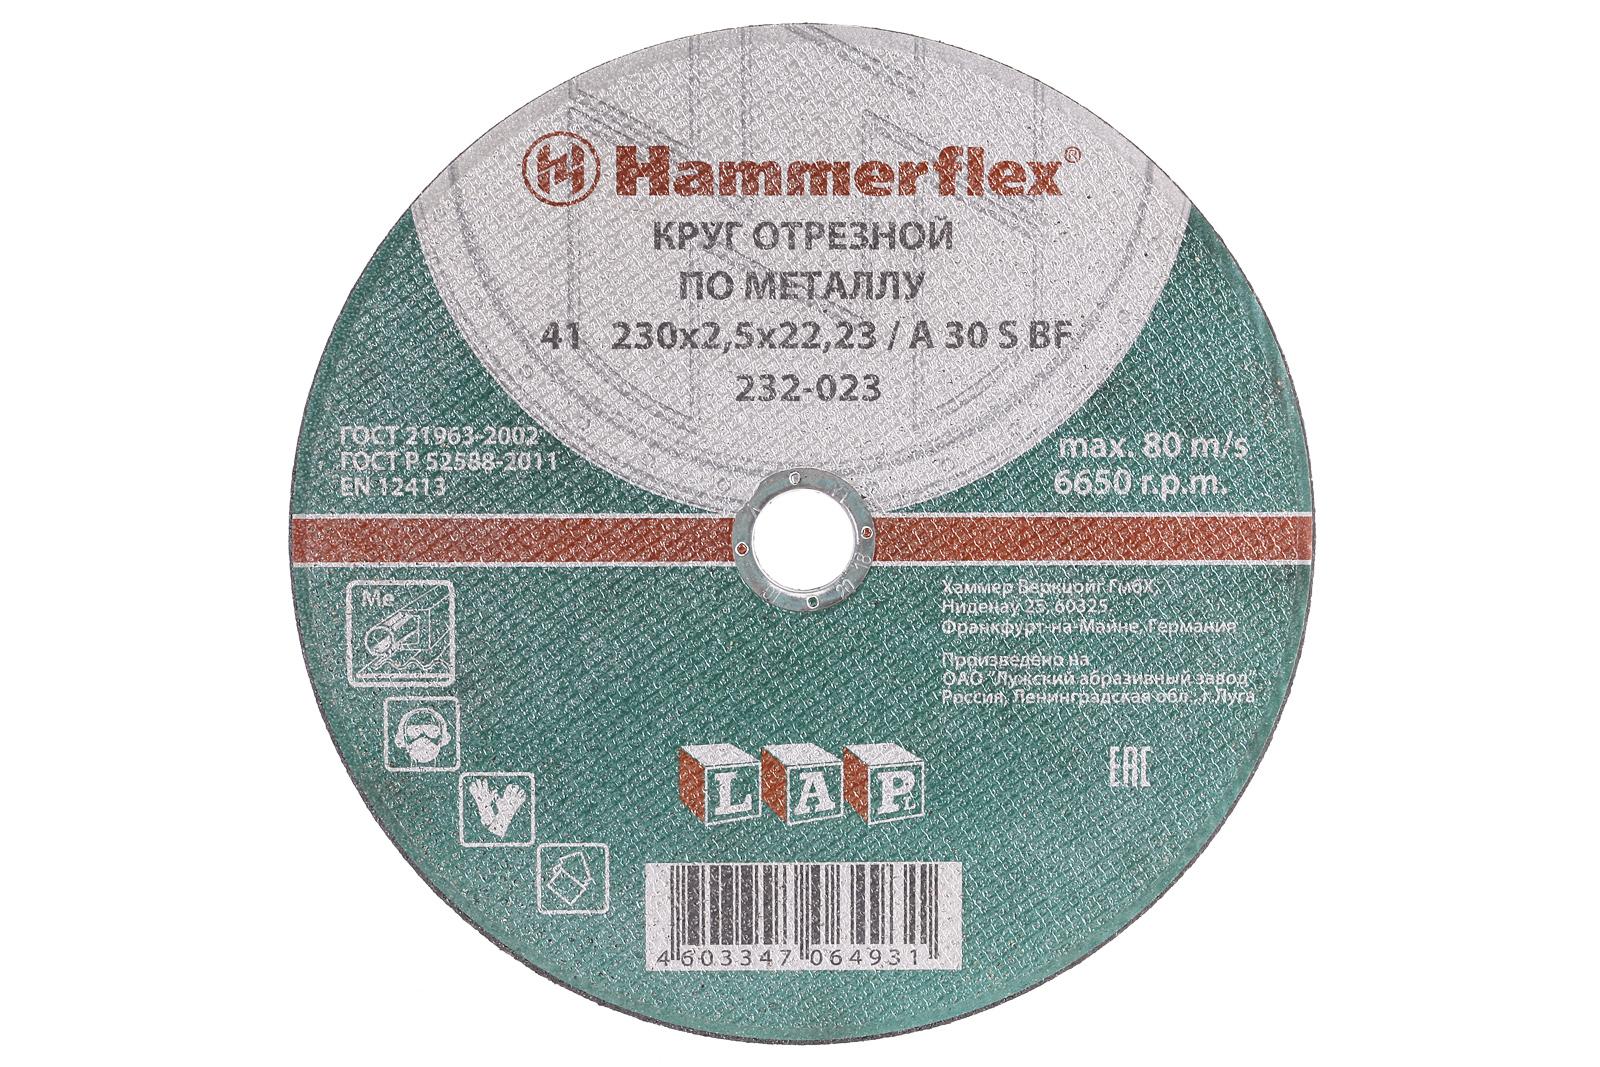 Круг отрезной Hammer Flex 230 x 2.5 x 22 по металлу 25шт круг отрезной hammer flex 115 x 1 6 x 22 по металлу и нержавеющей стали 25шт